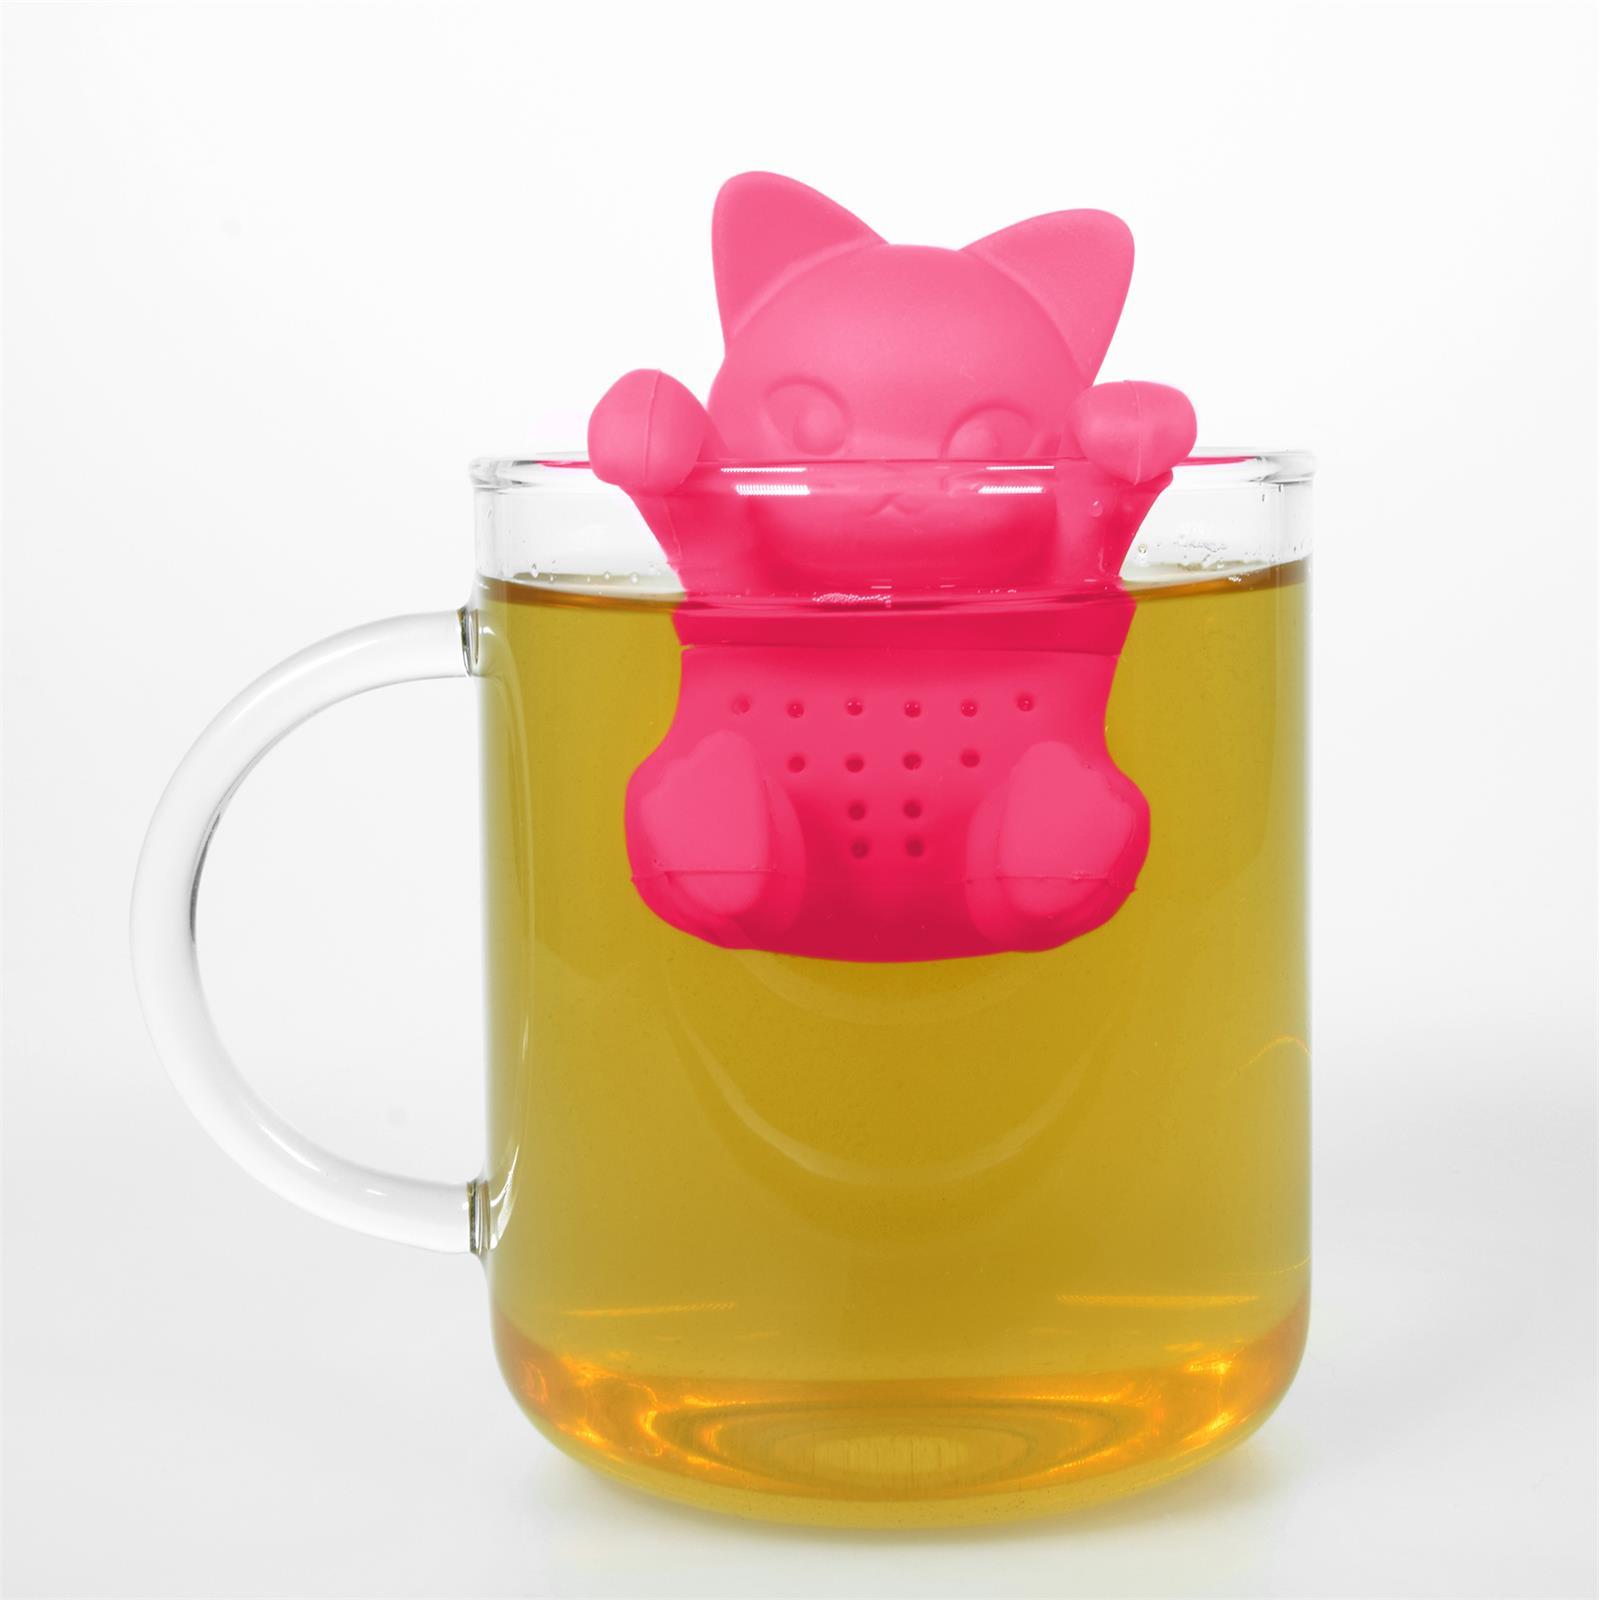 Lustiges niedliches buntes Silikon Tee Ei Sieb Kugel Filter Ball Figur loser Tee 6